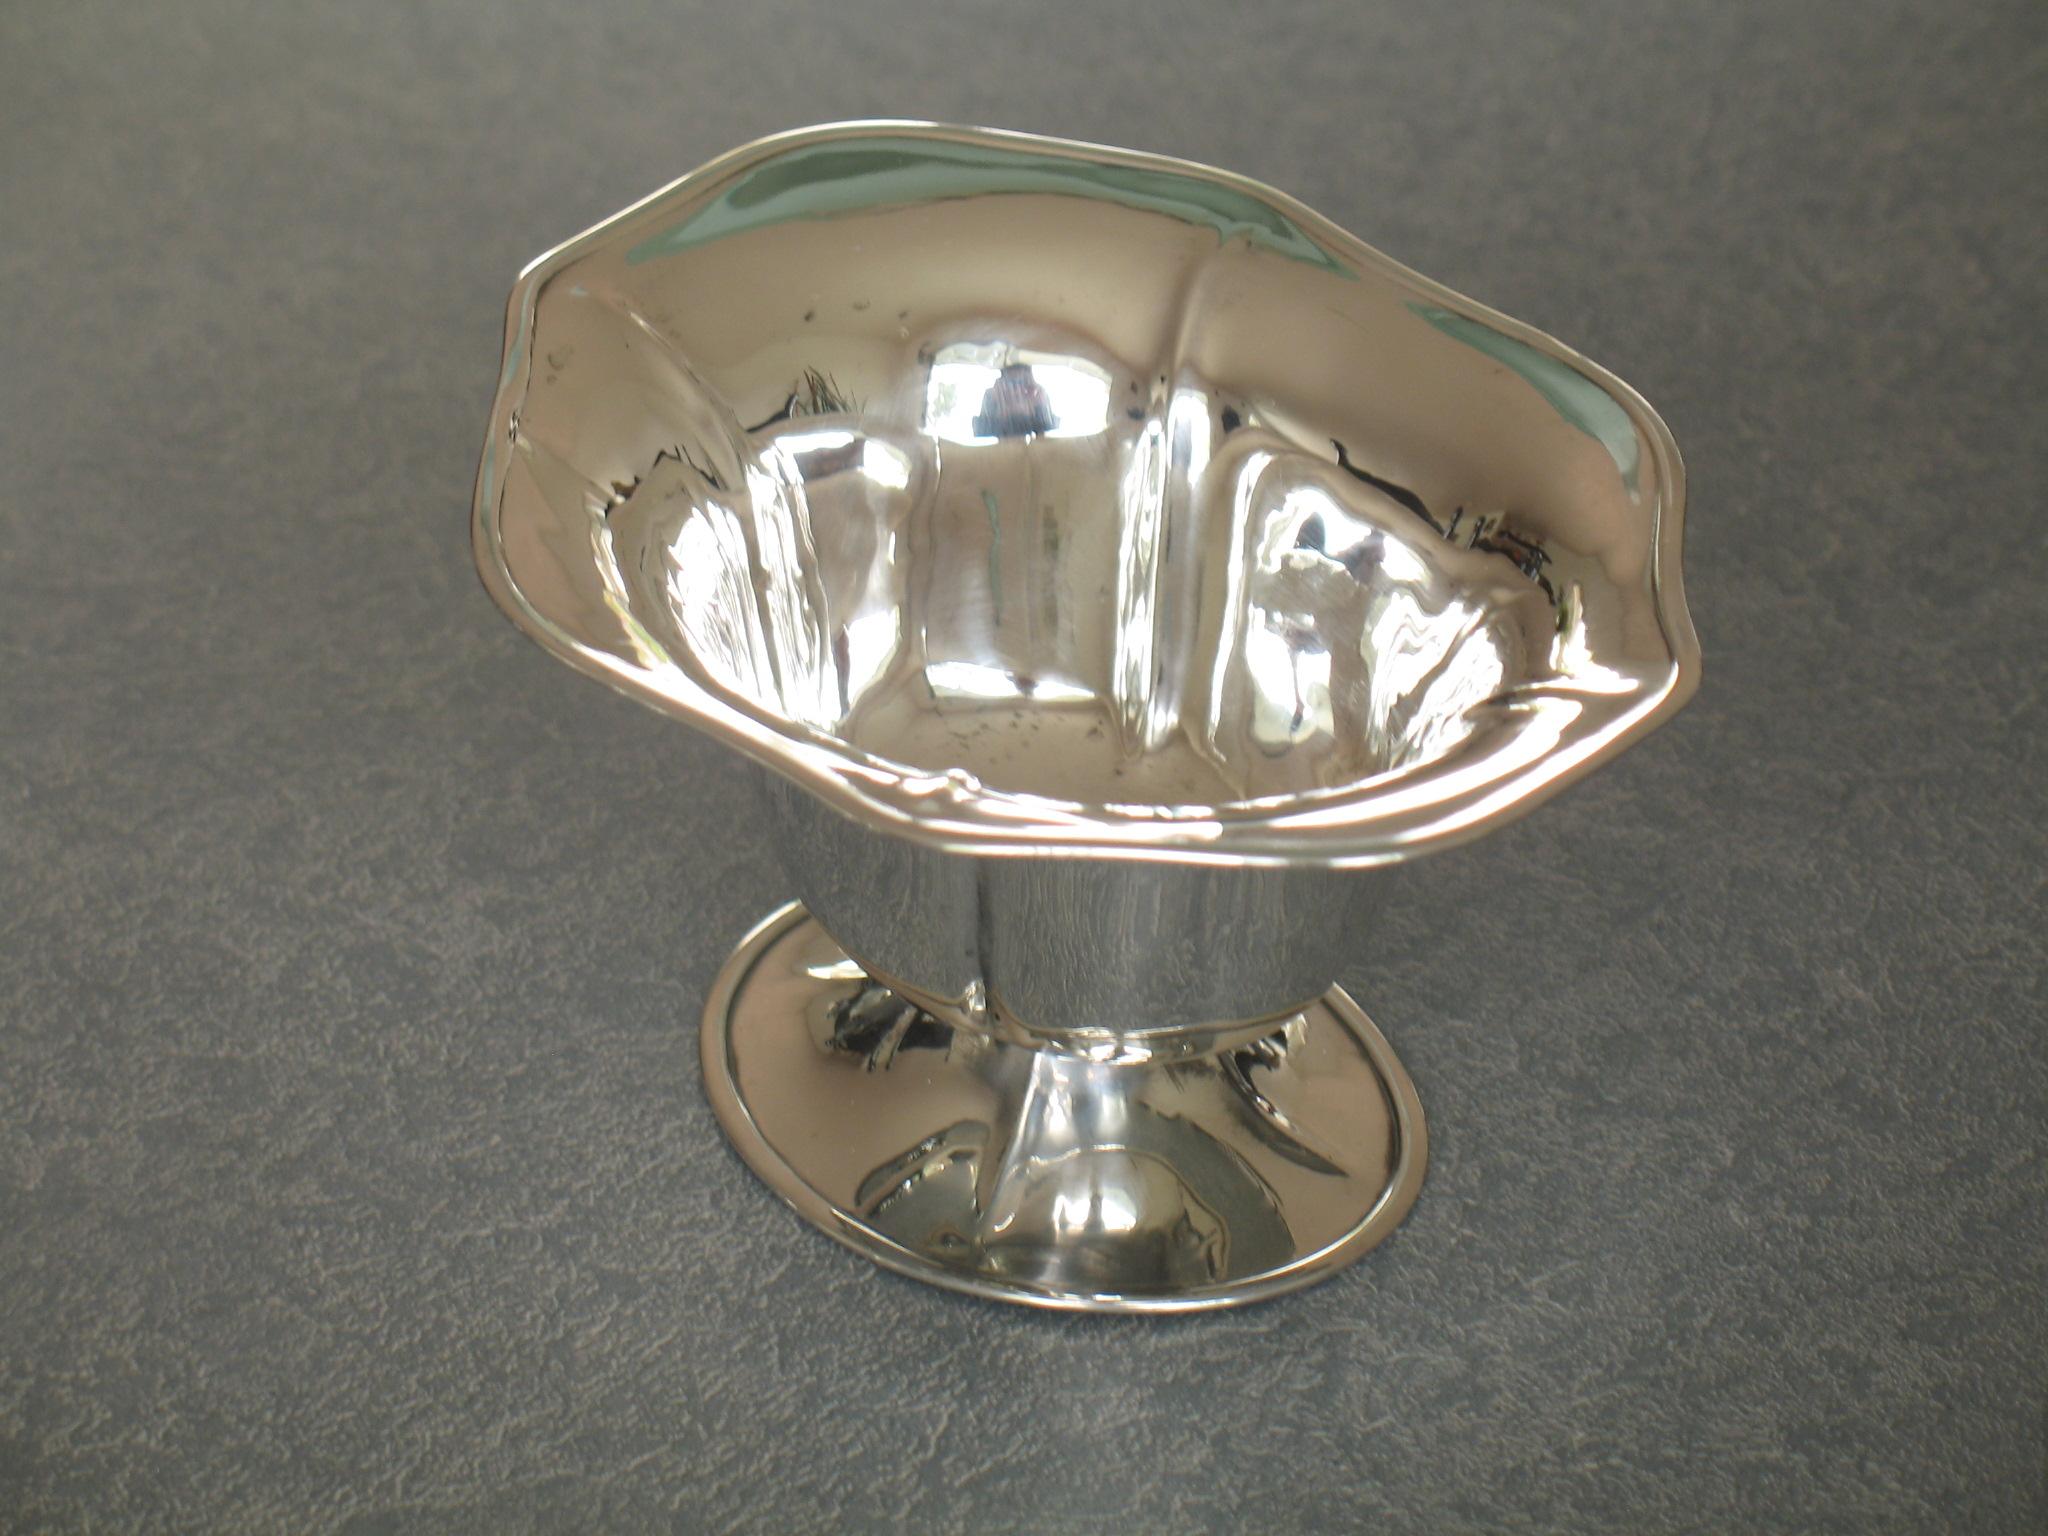 Berman-repair-wrinkled-dented-sterling-silver-dish